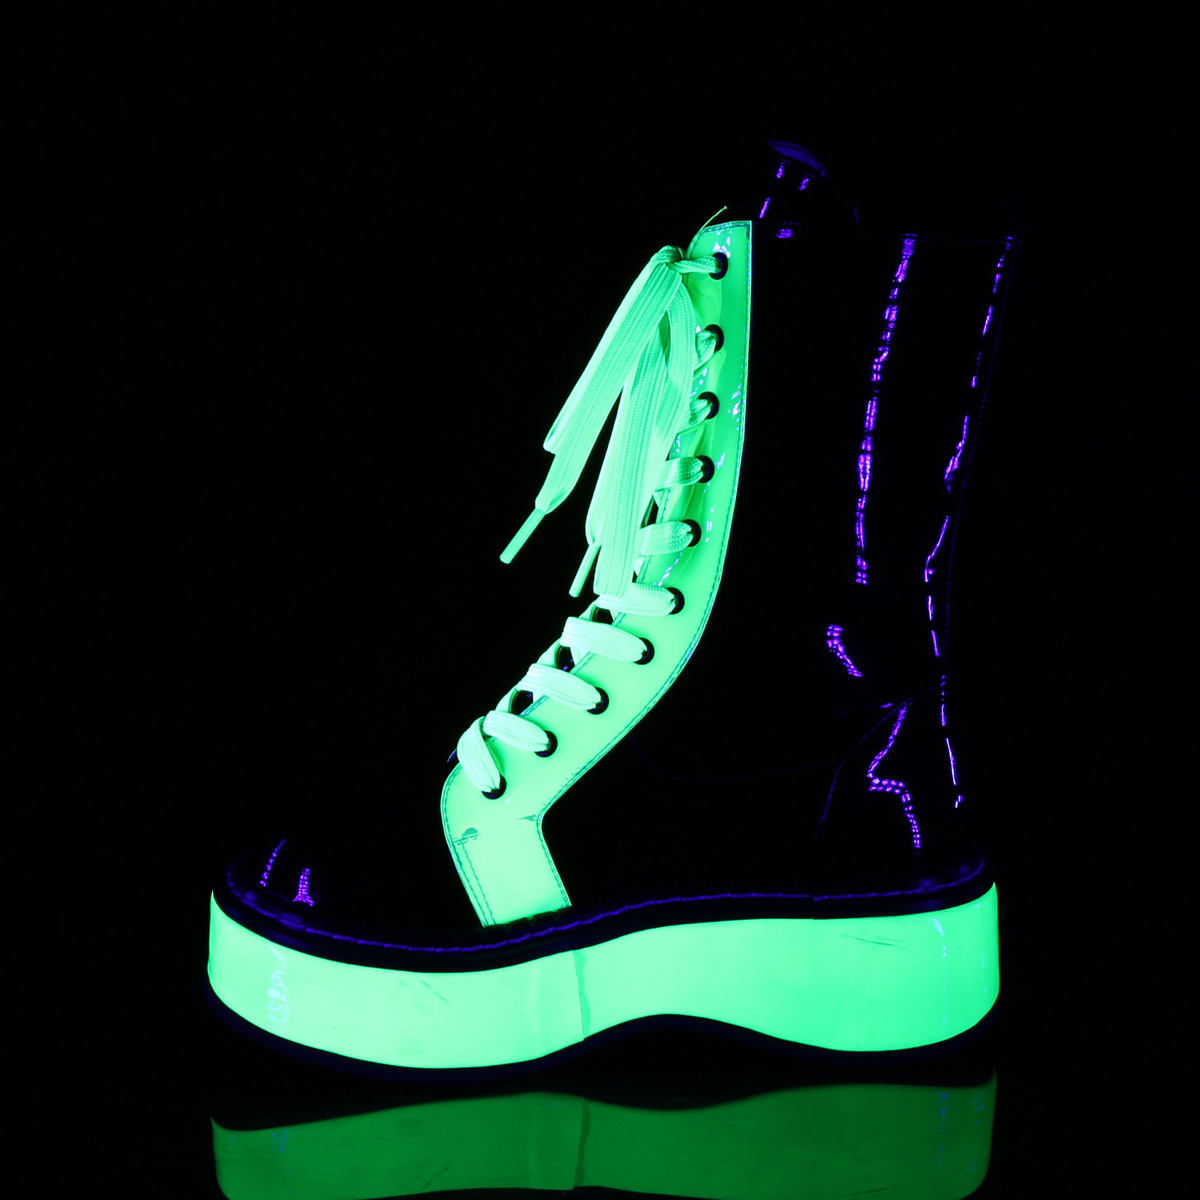 Demonia(デモニア) EMILY-350 UV蛍光 ミッドカーフブーツ エナメル黒/UVネオングリーン サイバーパンク◆取り寄せ